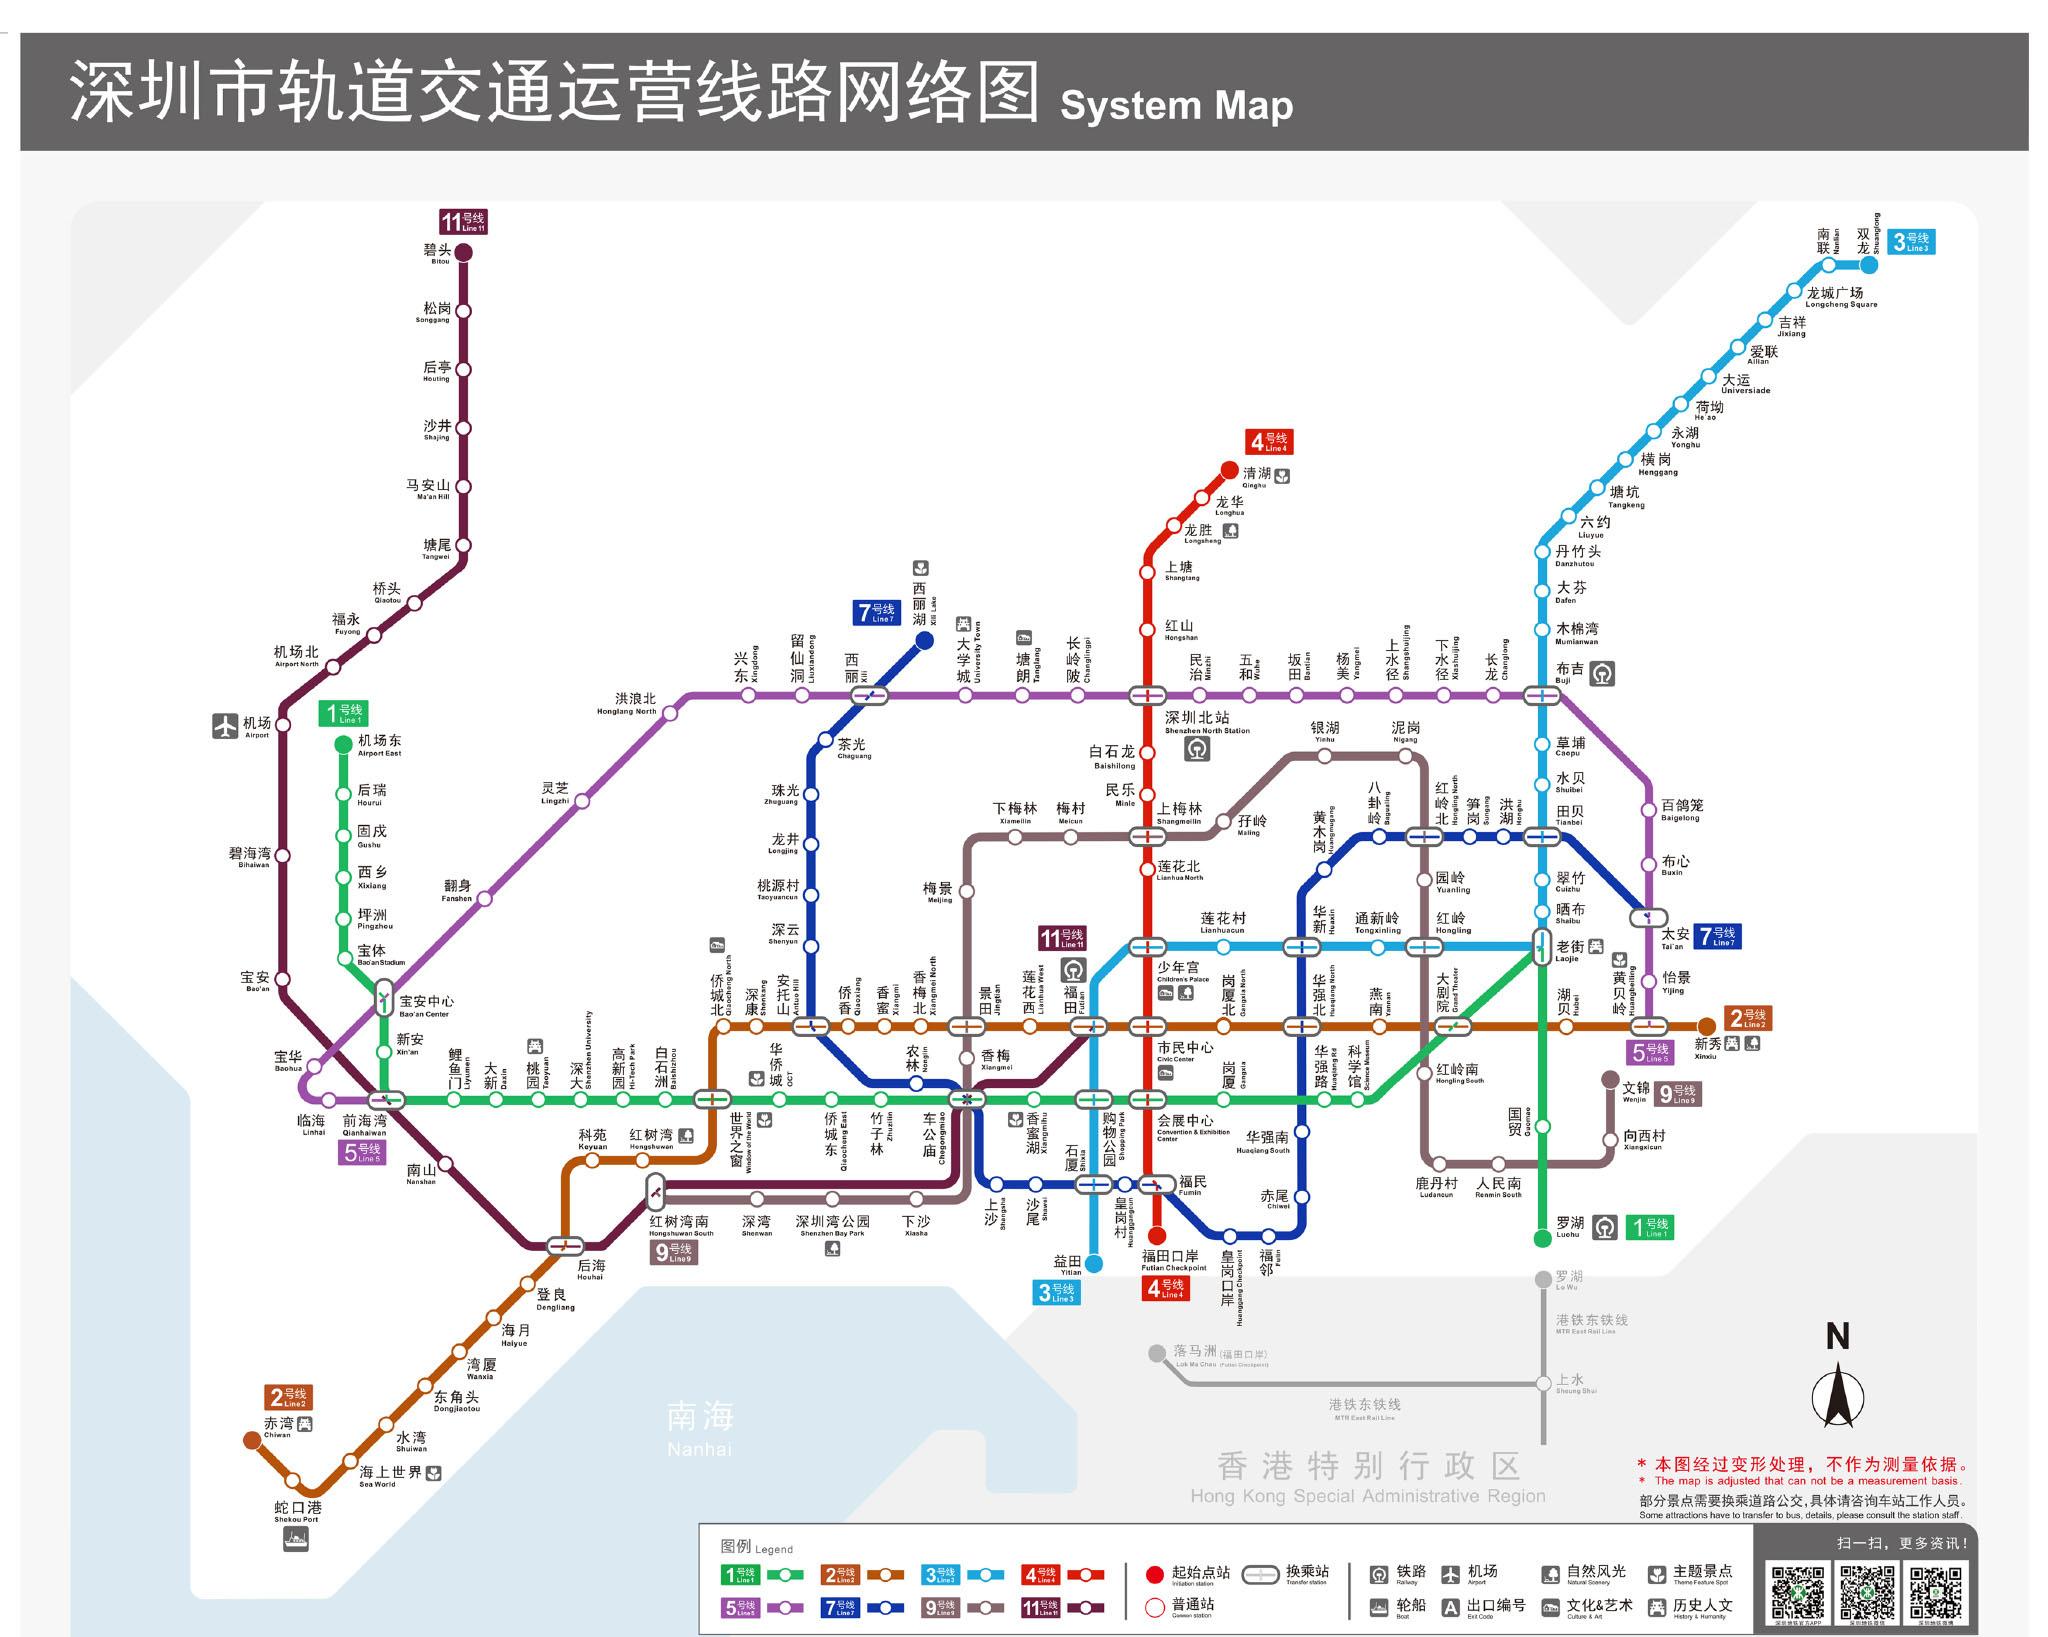 > 深圳地铁路线图